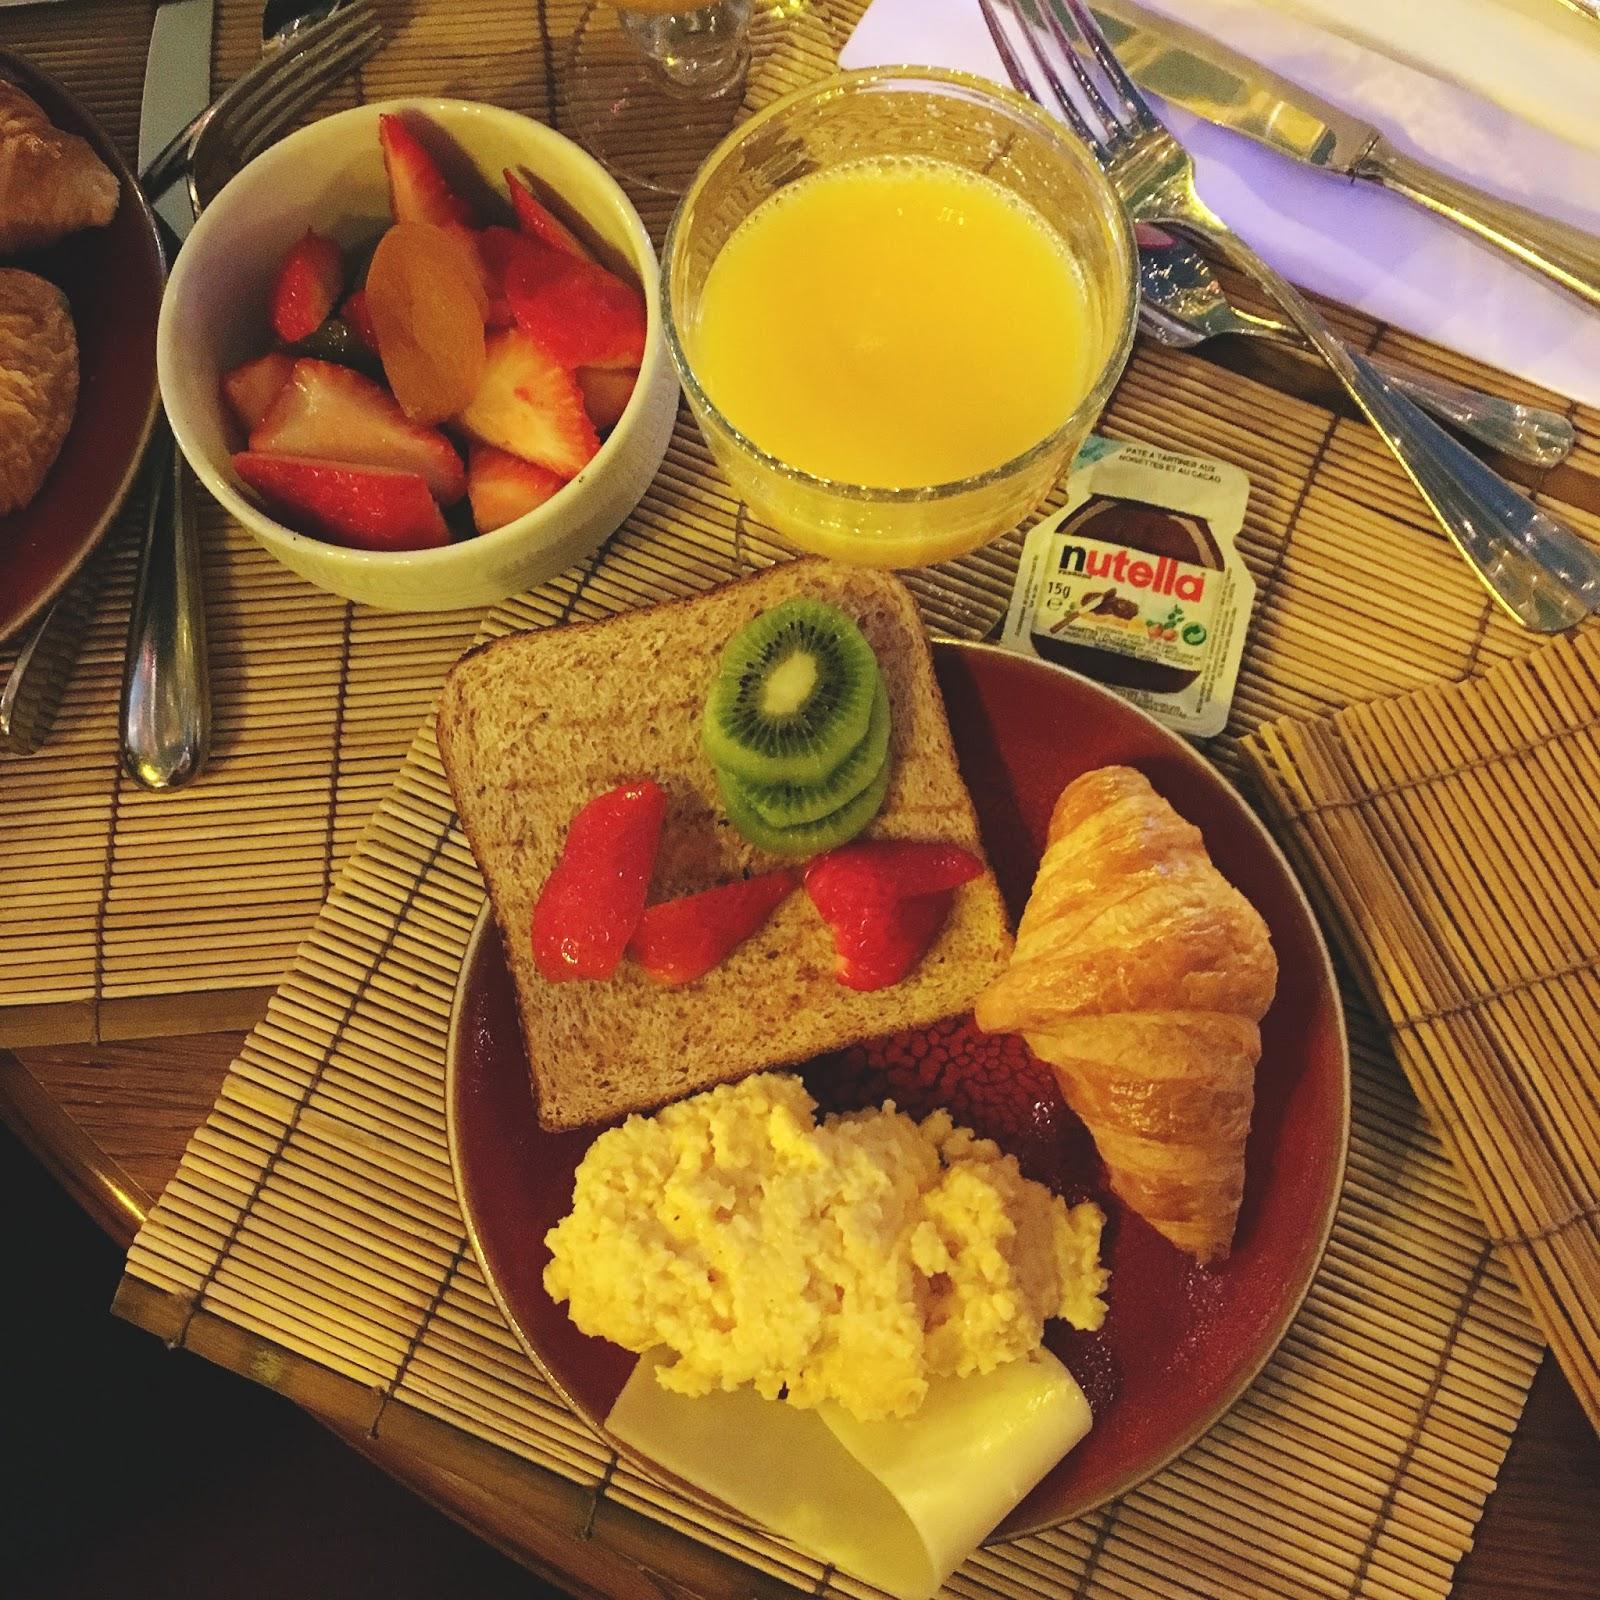 petit déjeuner nigloland